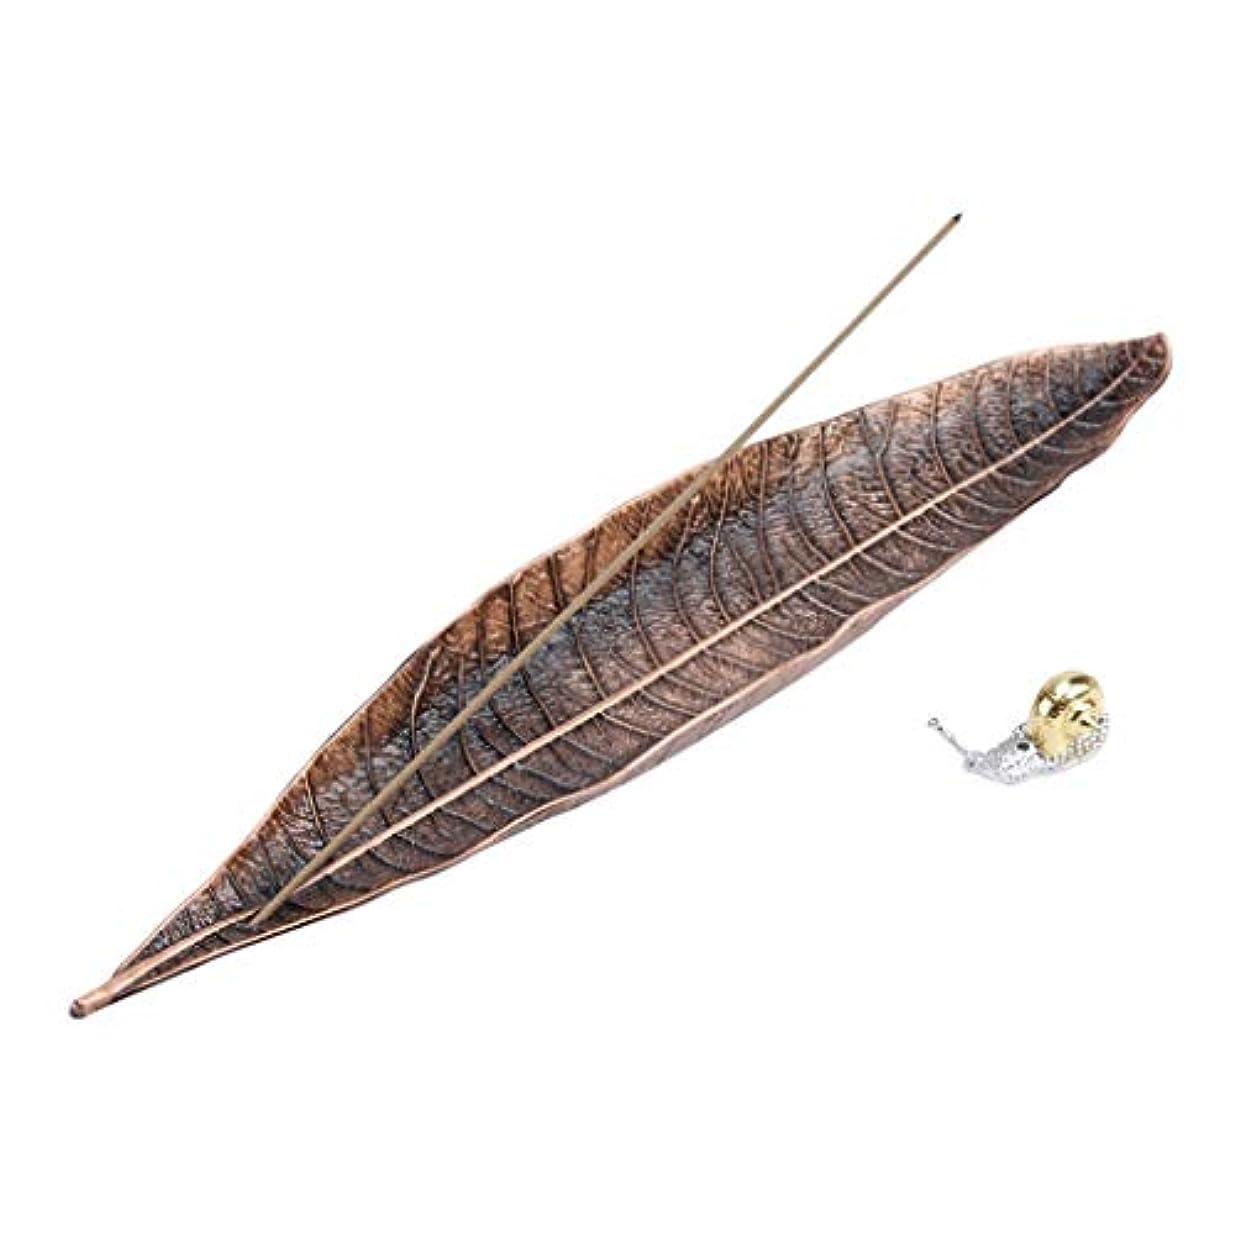 人柄彼らの汚す芳香器?アロマバーナー カタツムリの香の棒のホールダーの家の装飾の付属品が付いている葉の香のホールダーの灰のキャッチャーの長い香バーナー アロマバーナー芳香器 (Color : A)